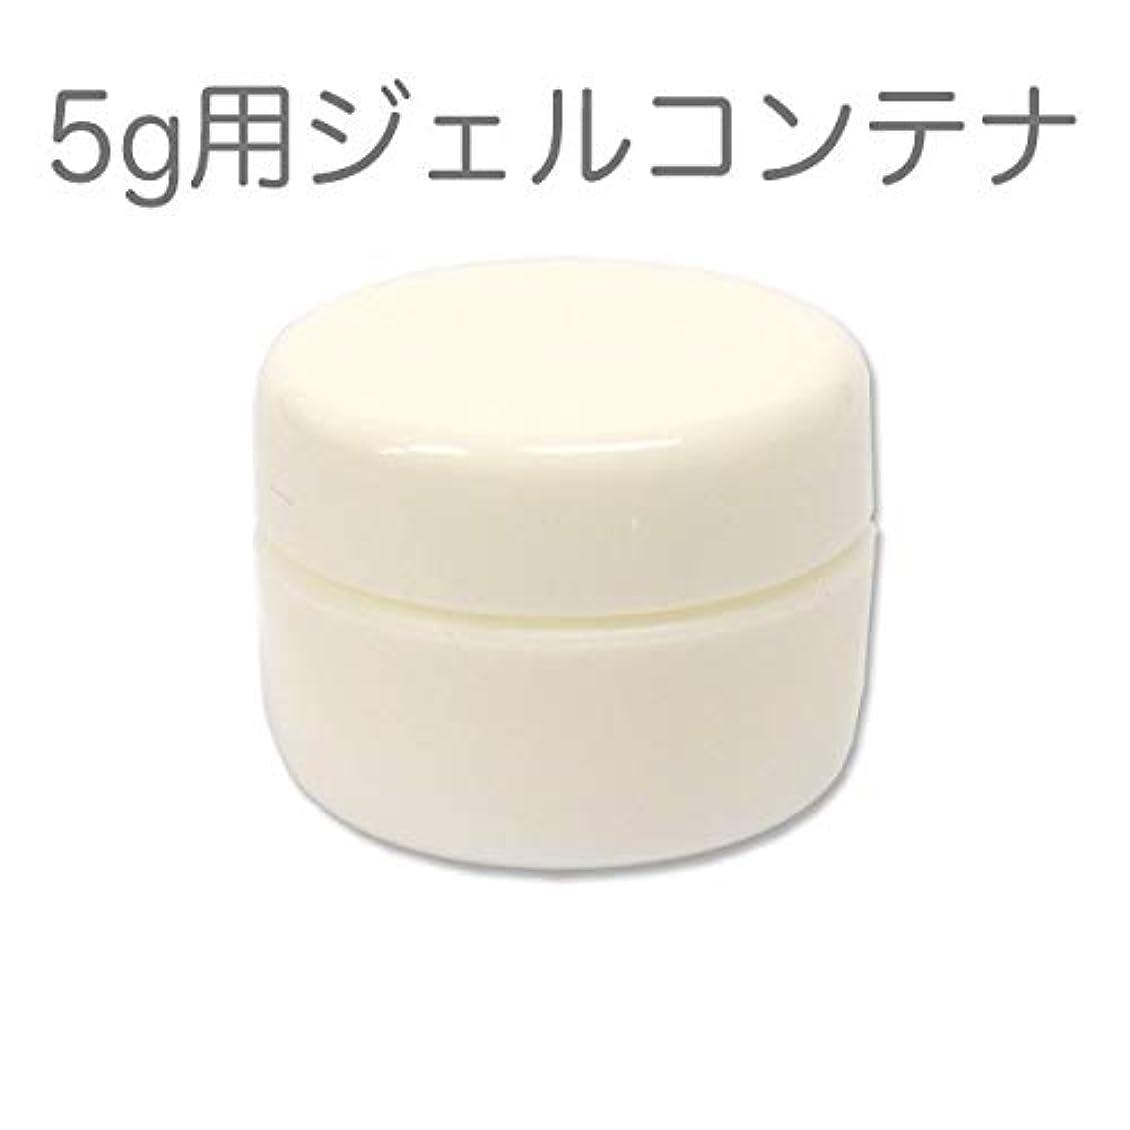 10個セット ジェルネイル用スペアコンテナ 容量5g ホワイト 蓋裏に漏れ防止パッキン付き